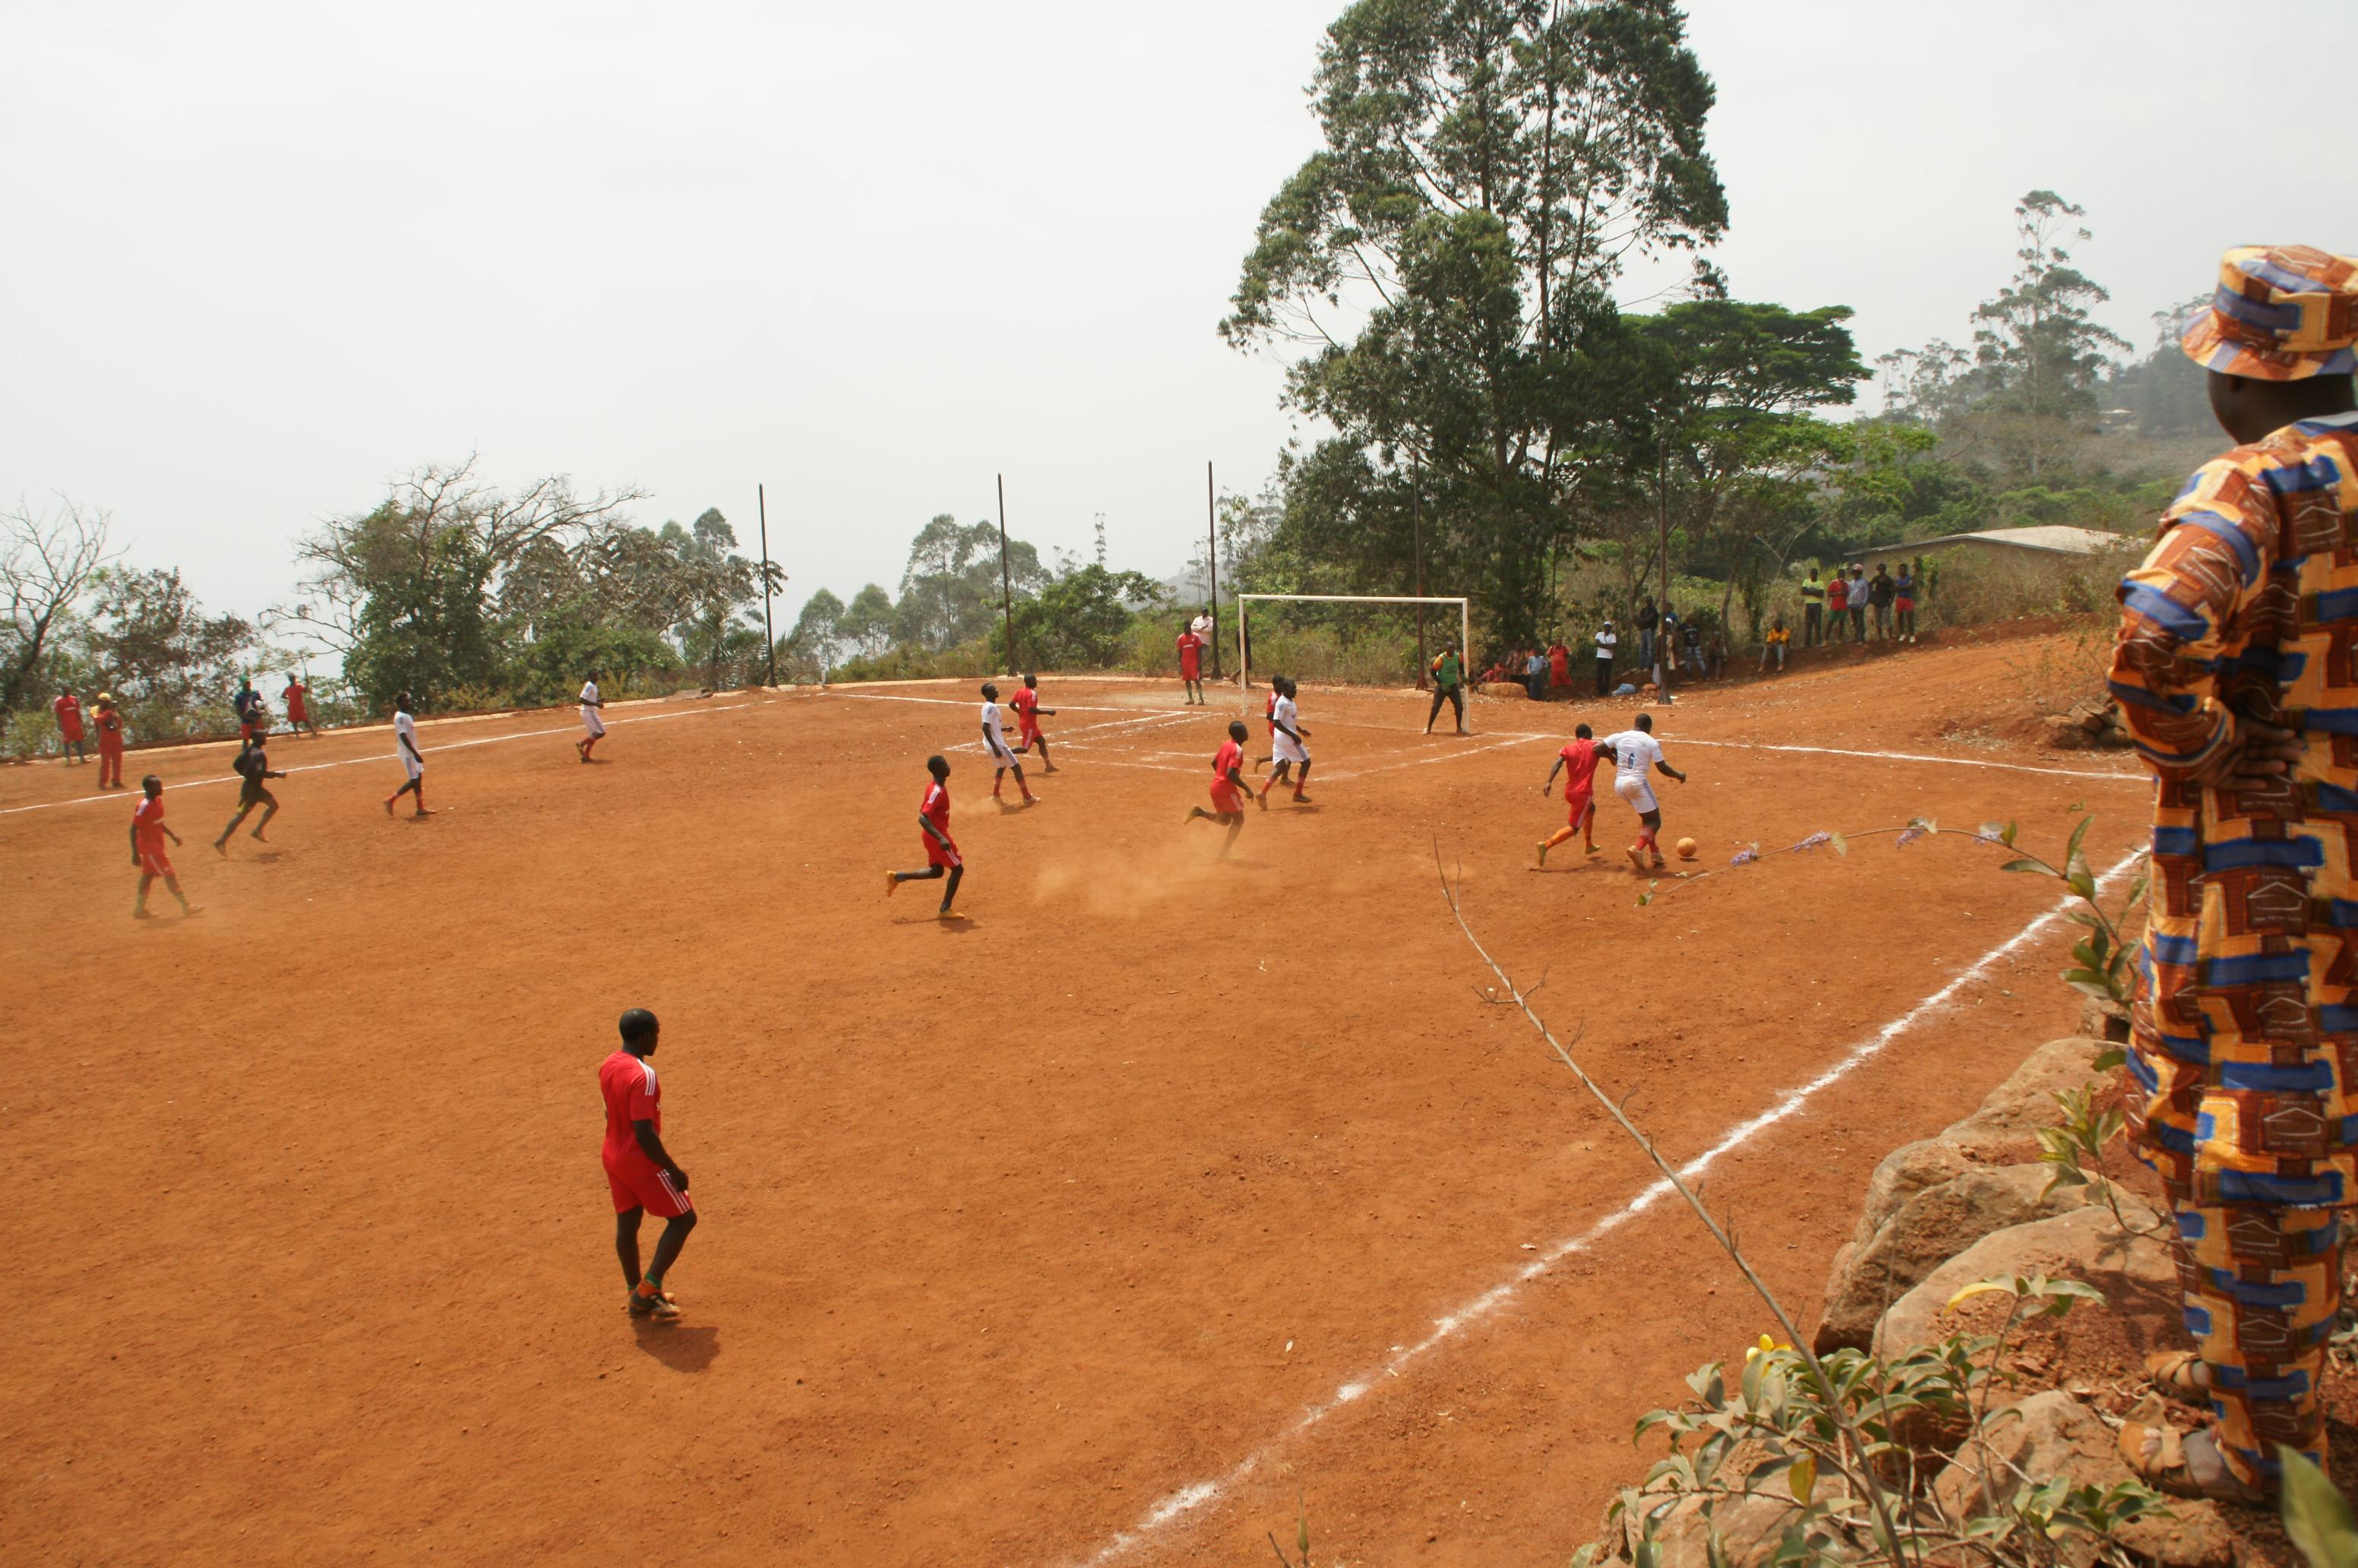 FOOTBALL : Allez les lions !